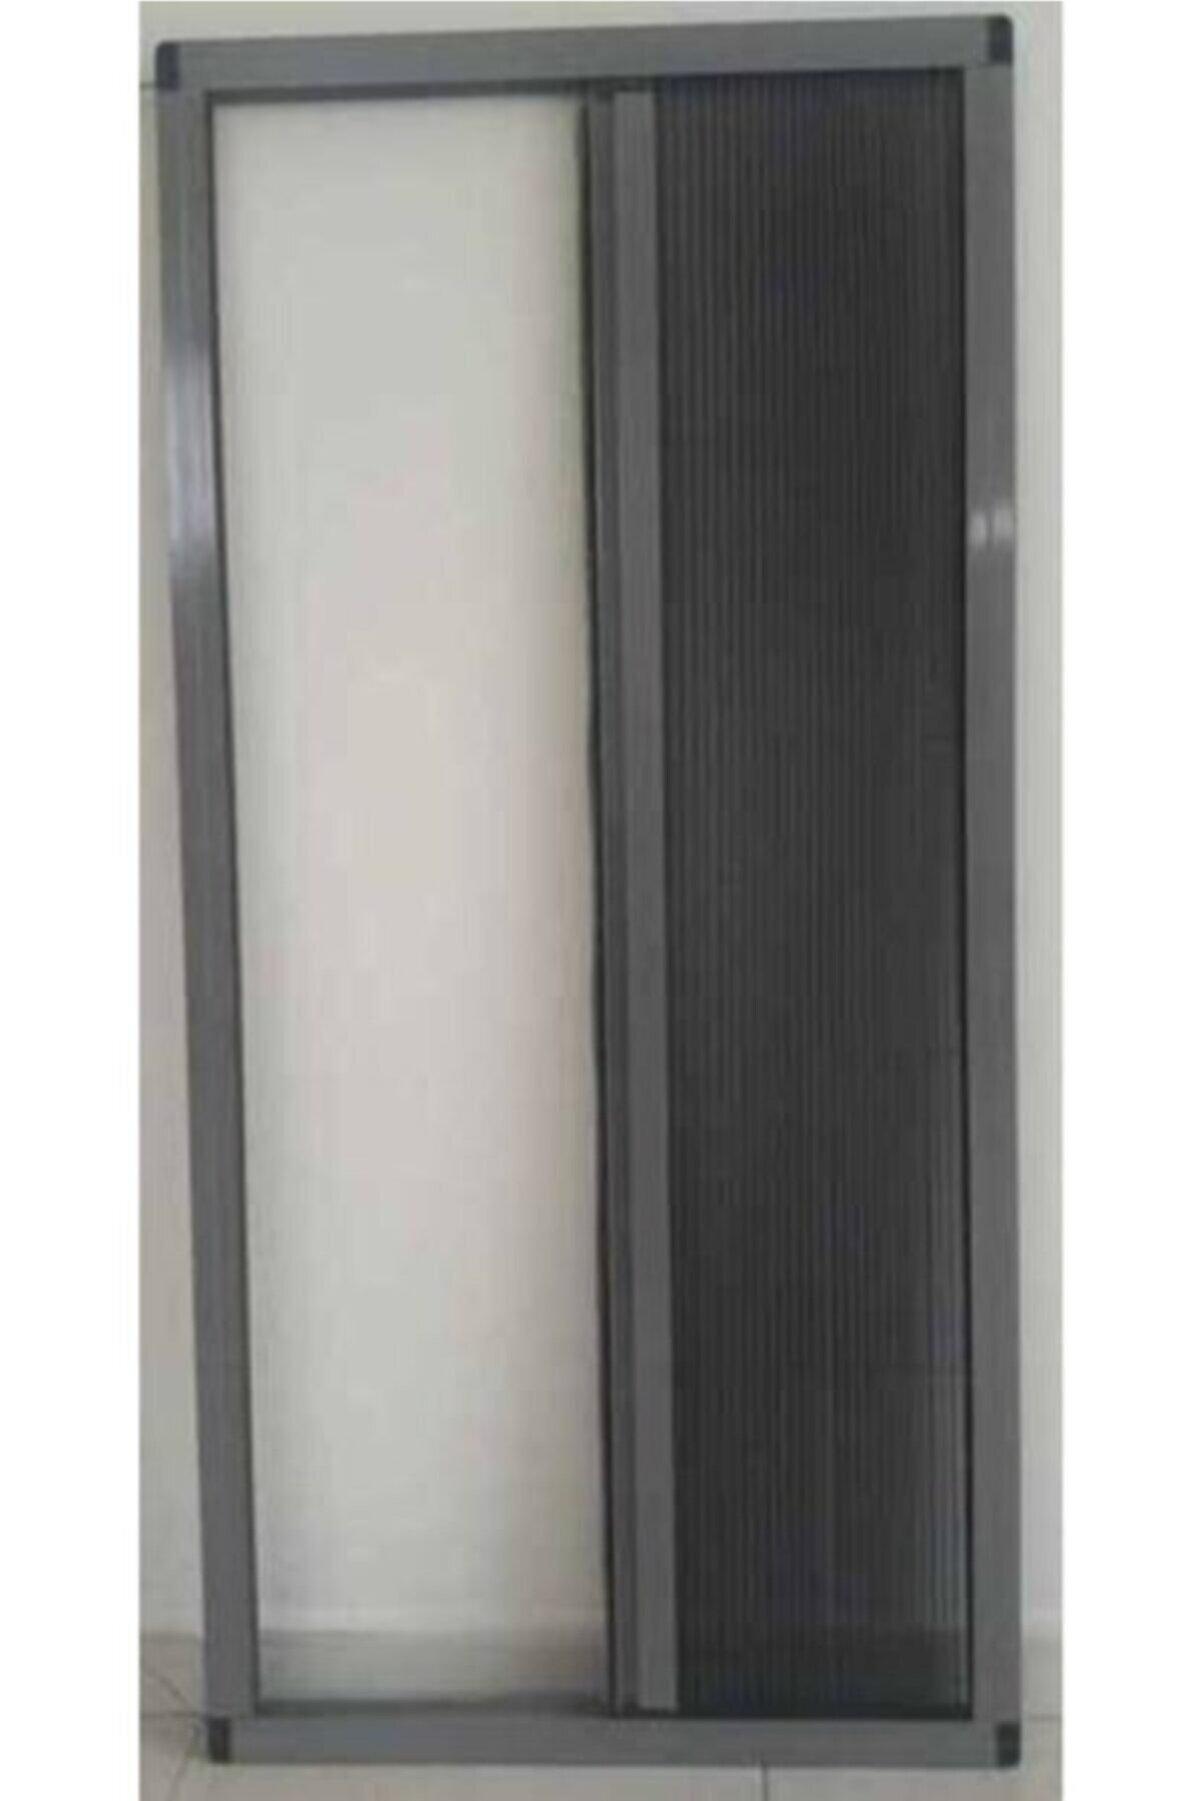 KARABEYOĞULLARI Antrasit Gri Plise Sineklik Akordiyon Sürgülü Pileli Sineklik Kapı Ve Pencere 40-60x40-60